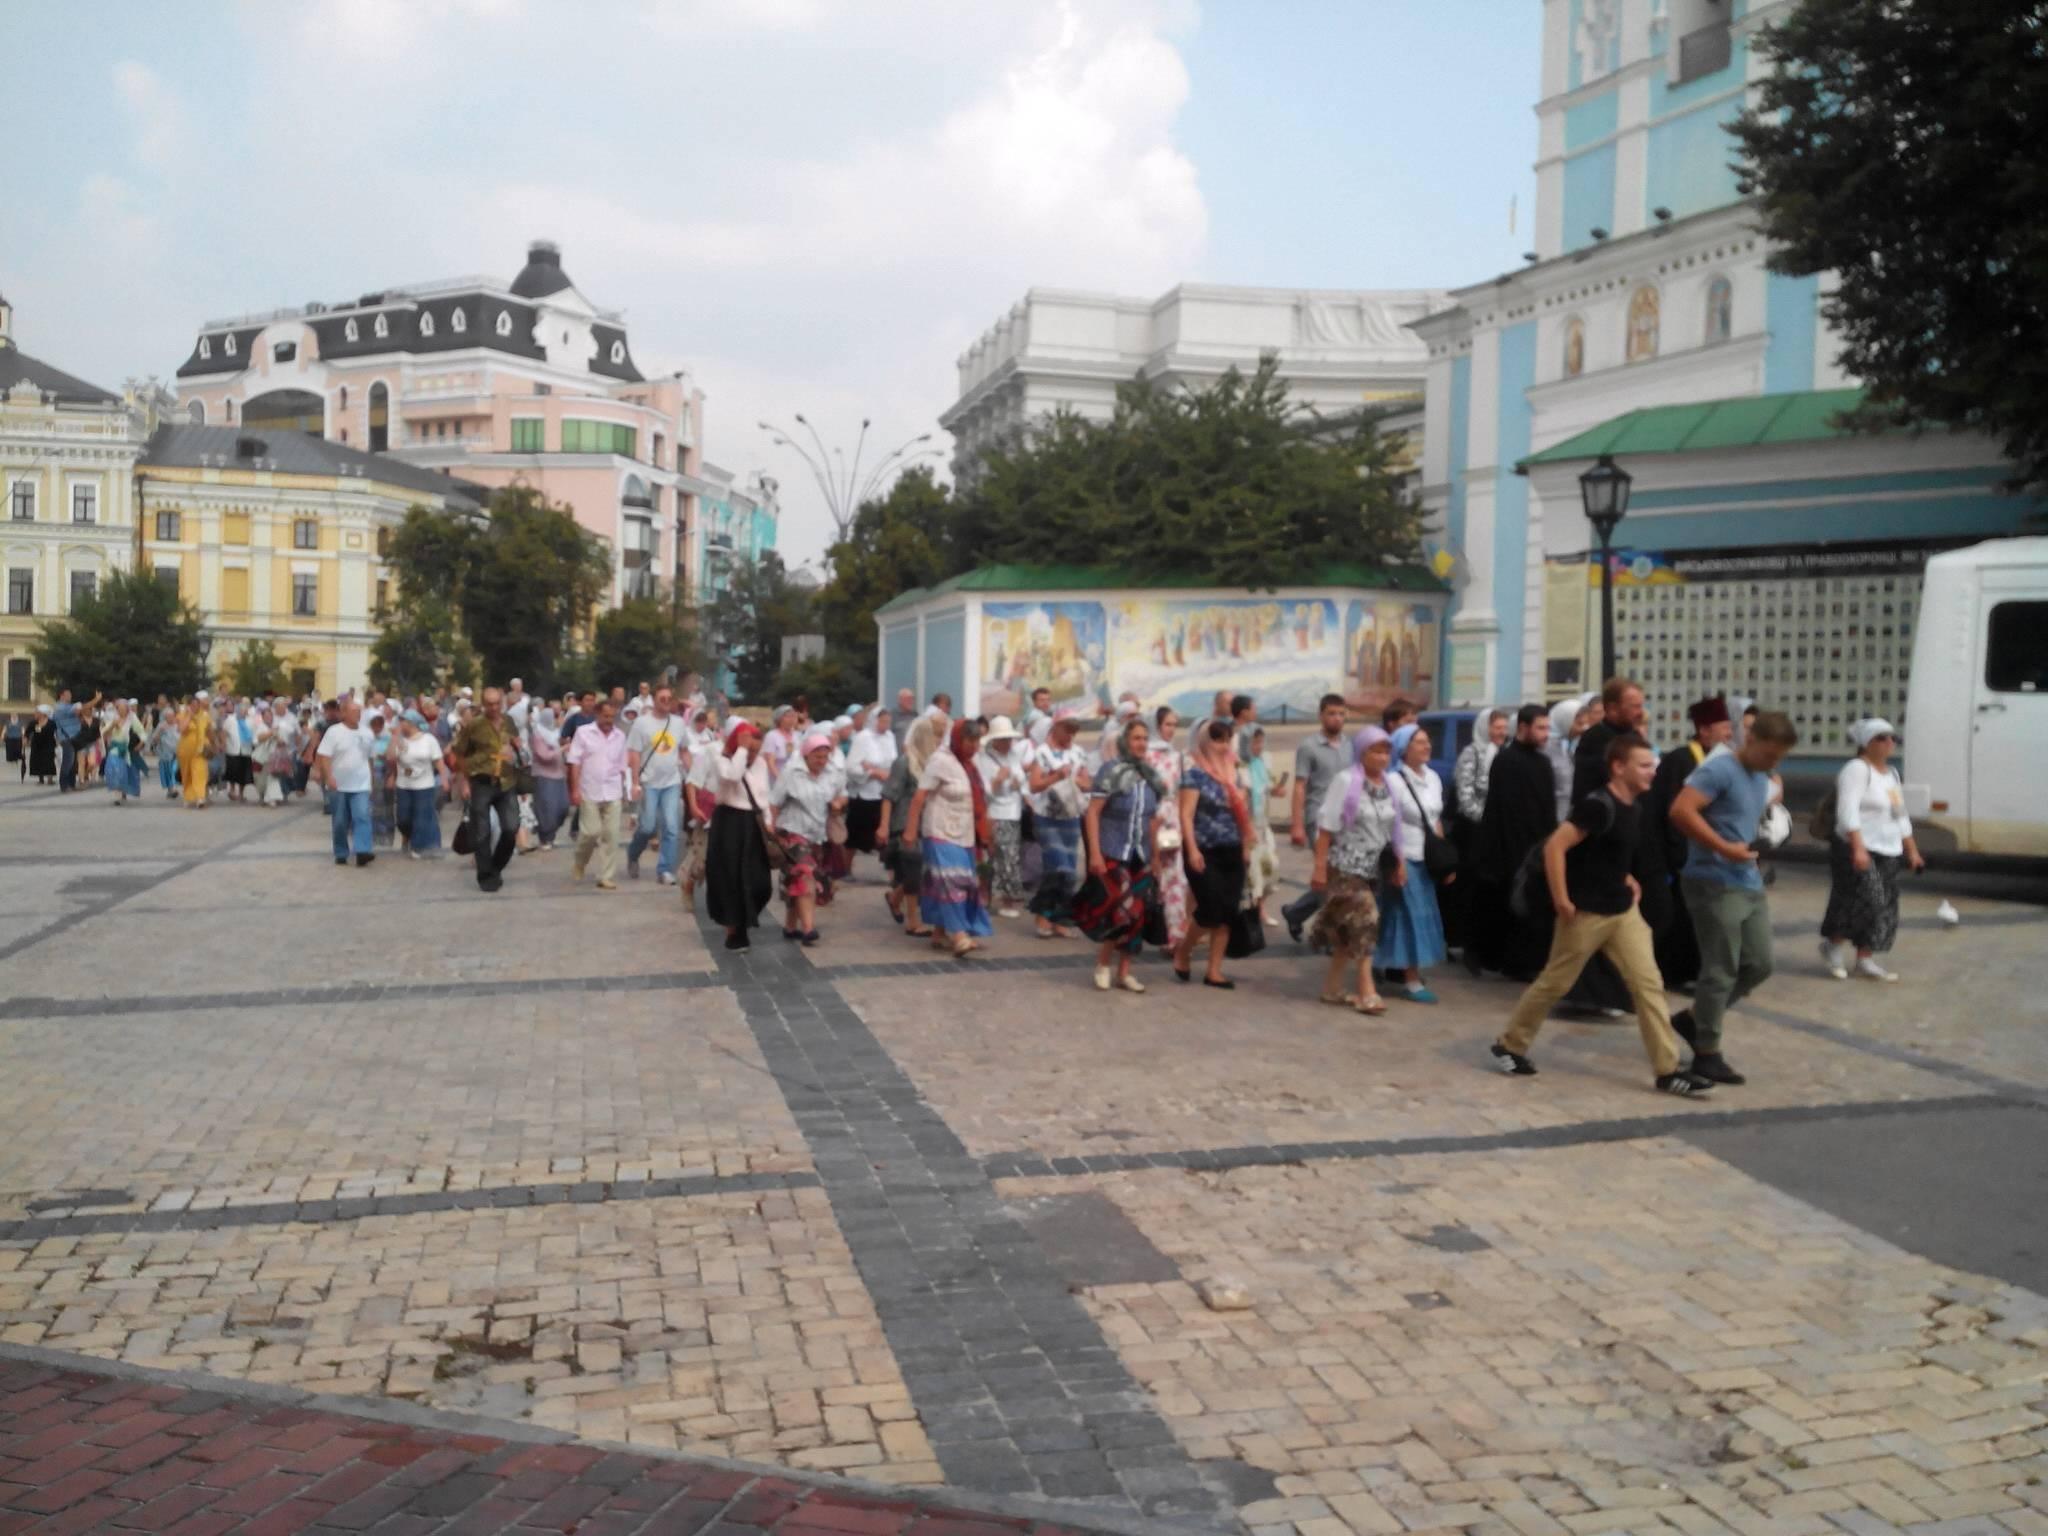 Наблюдатели сообщают о двух задержанных участниках Крестного хода у металлодетекторов близ Михайловского собора